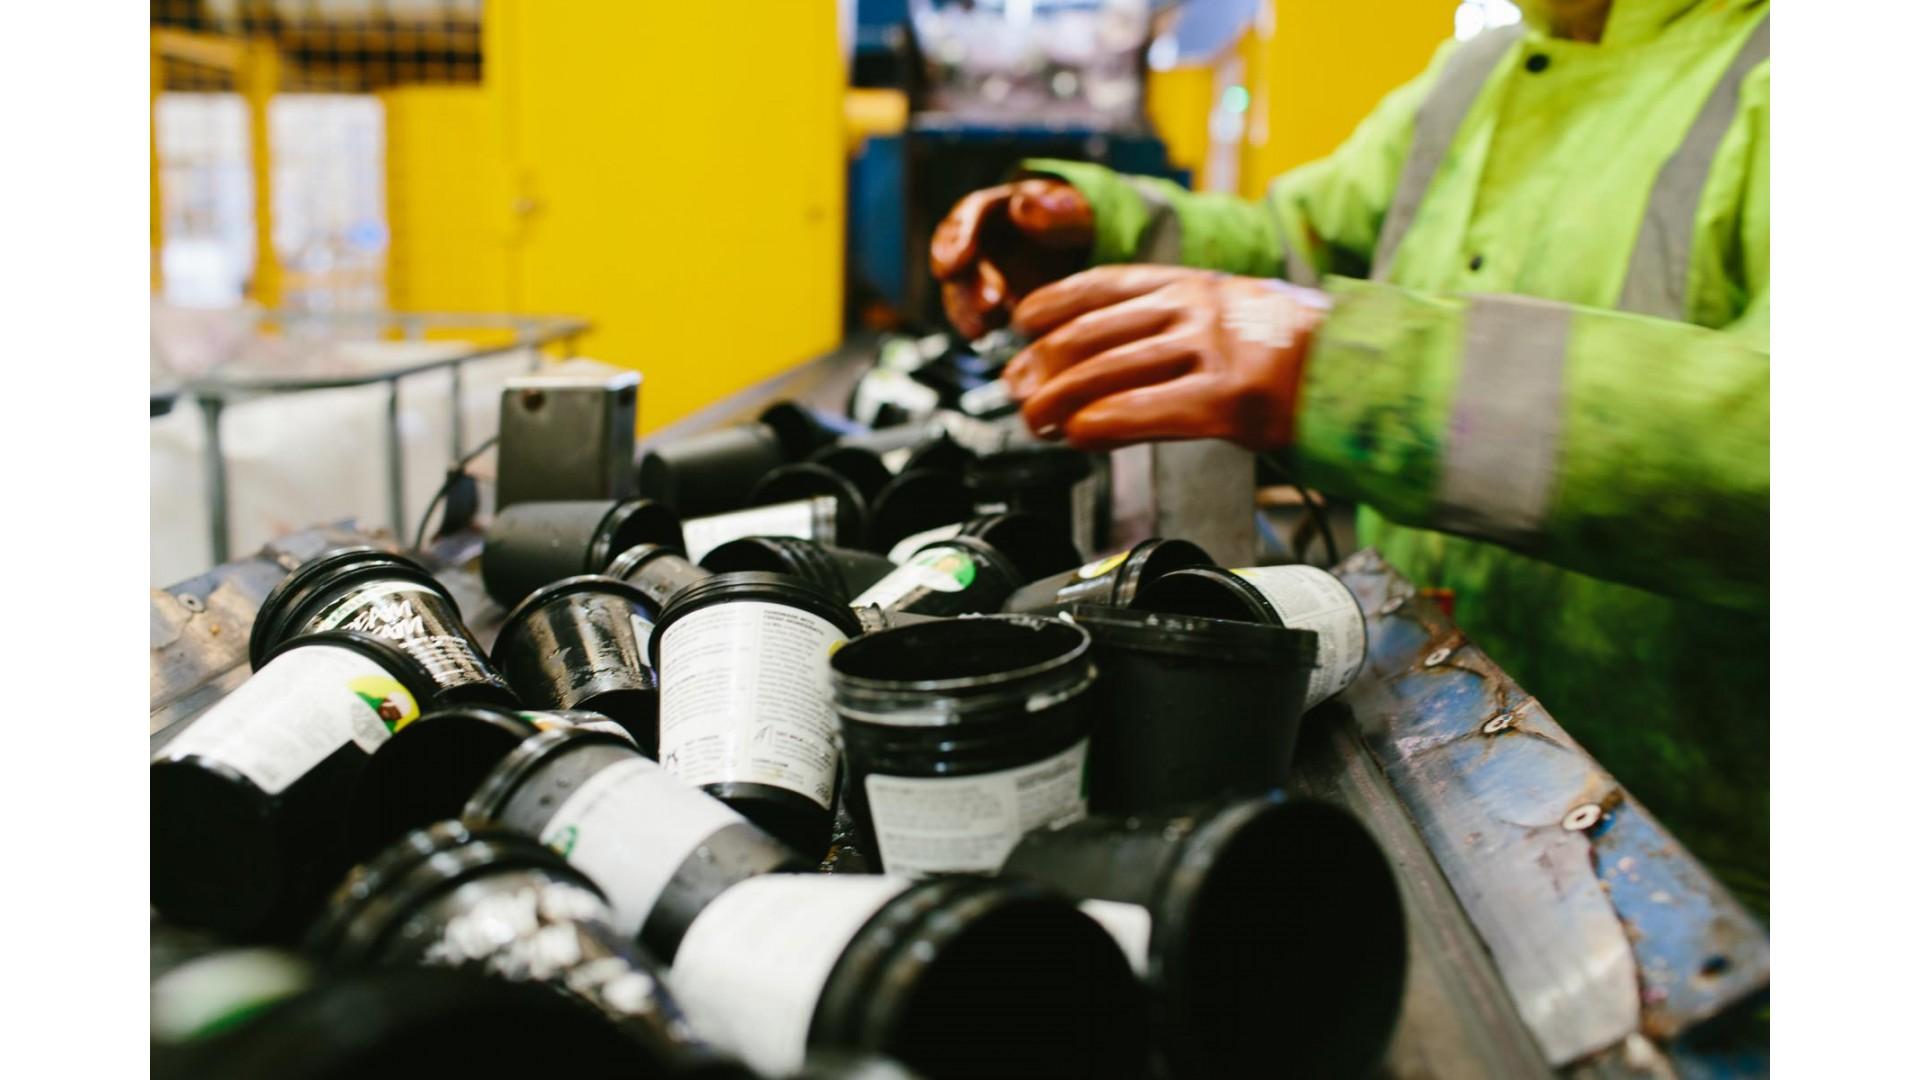 Recikliranje crnih posudica